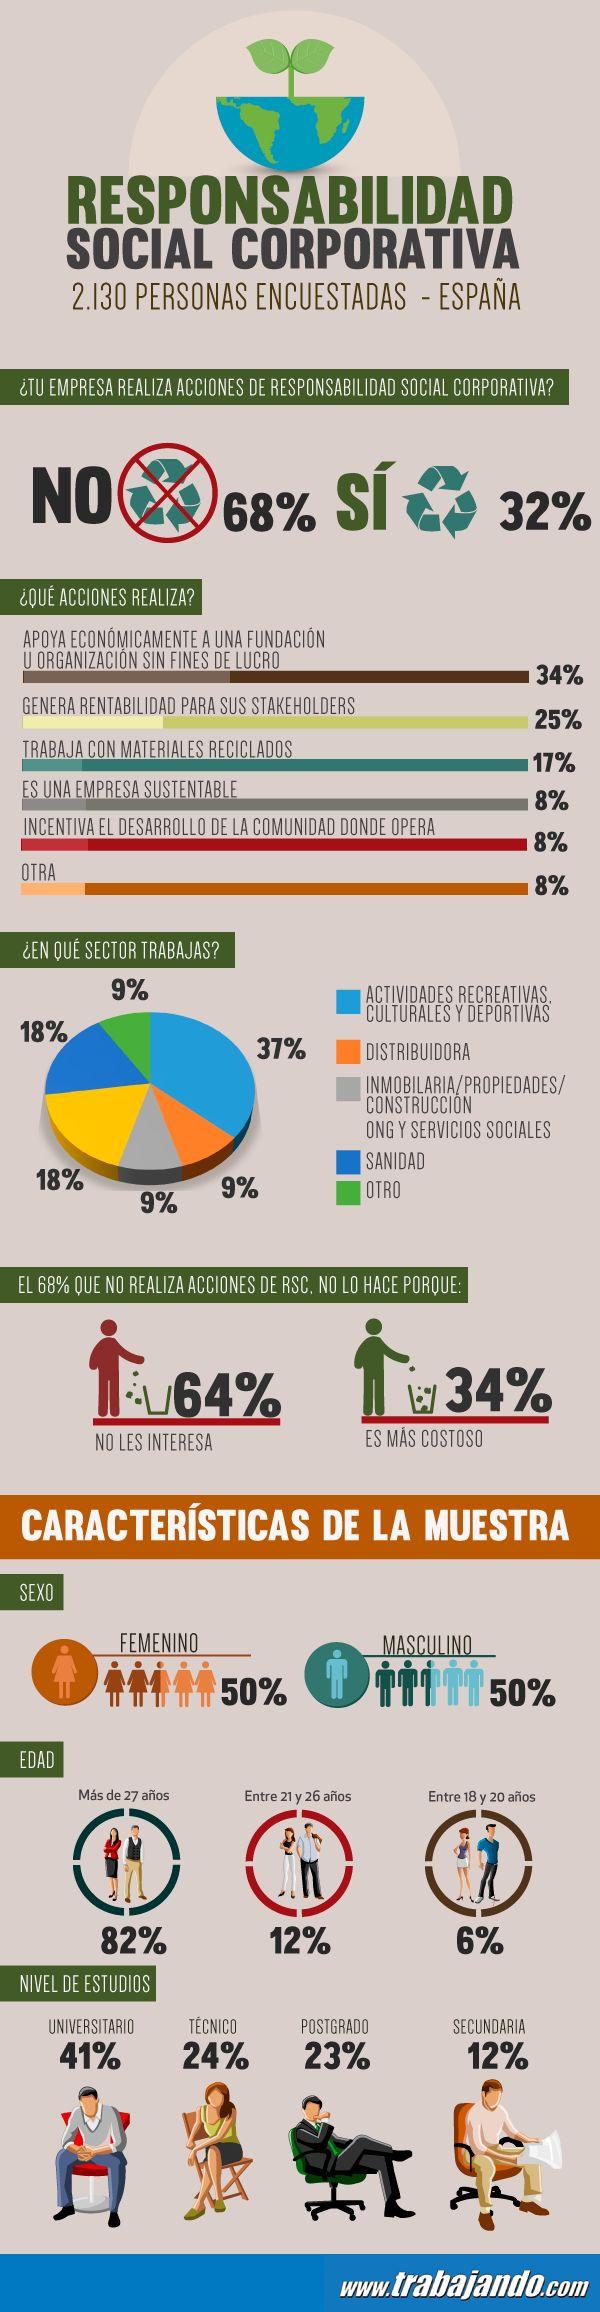 Un 68% de los españoles asegura que su empresa no realiza acciones de Responsabilidad Social Corporativa